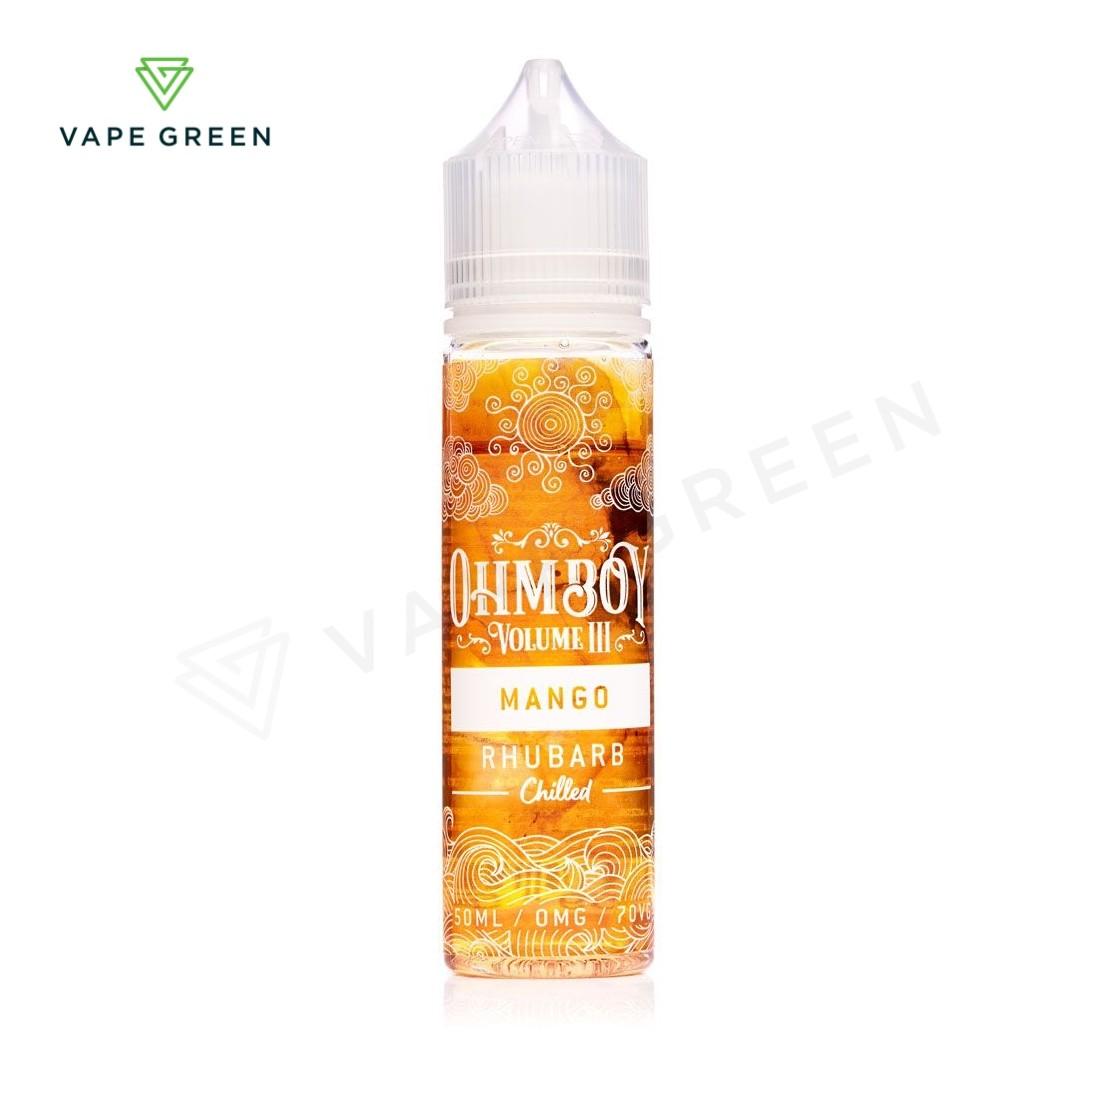 Mango Rhubarb E-liquid by Ohm Boy Volume III 50ml